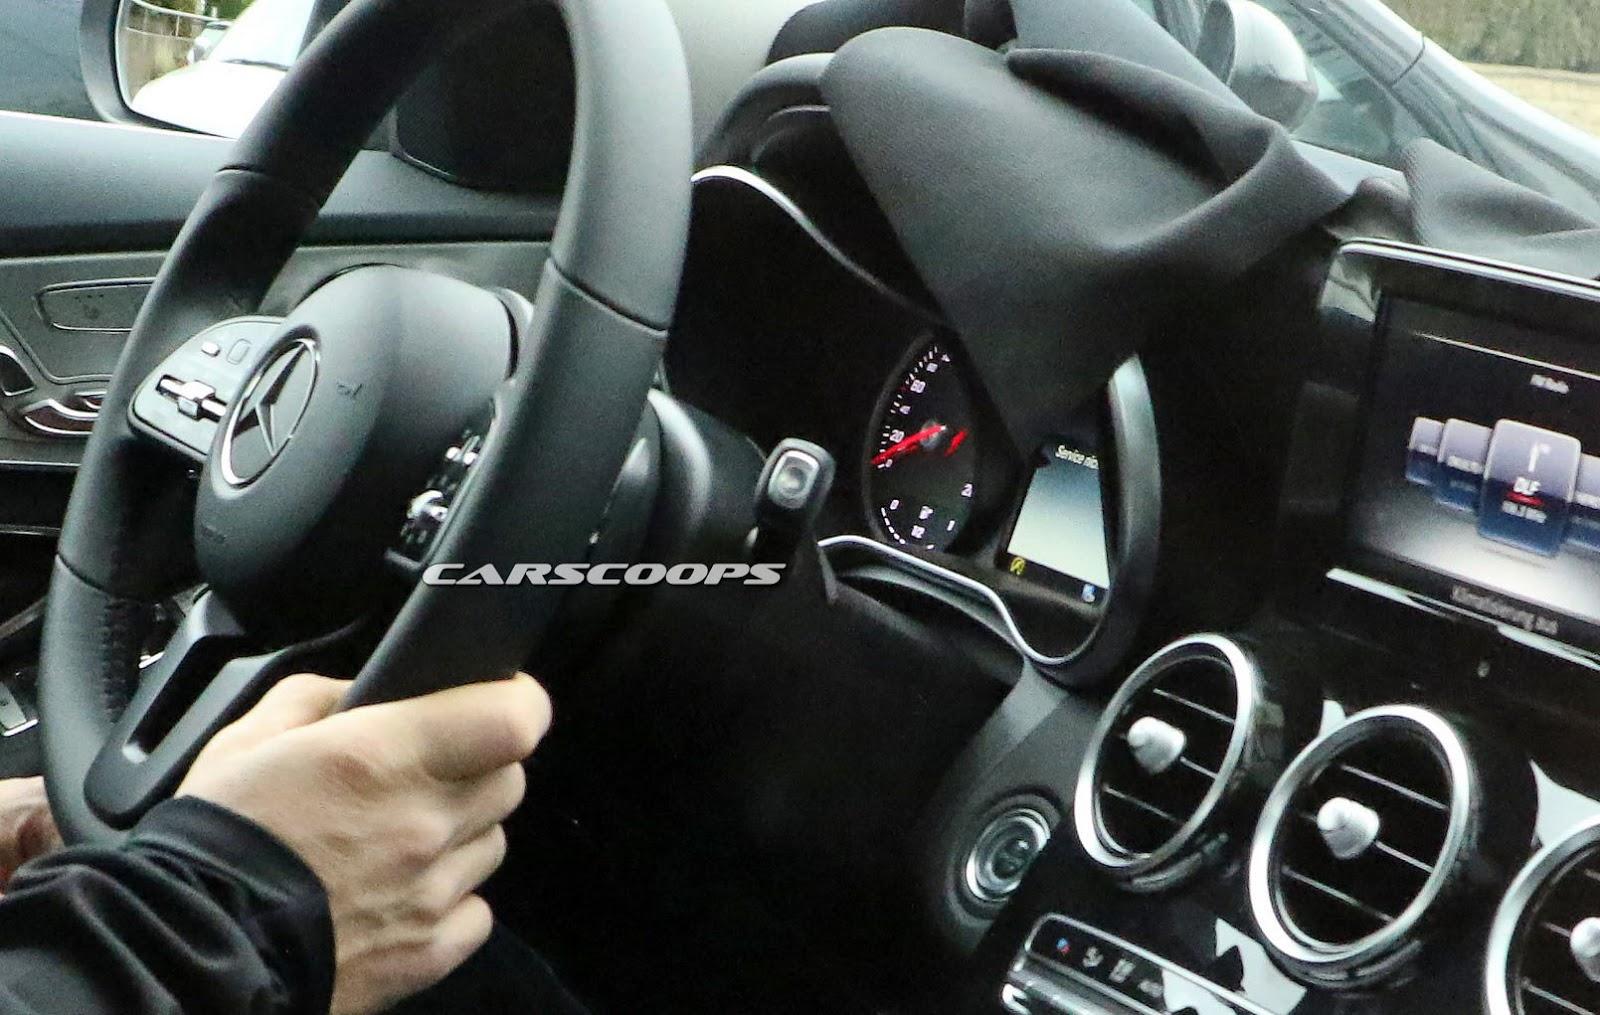 Mercedes C200, C250, C300 2018 moi (1)